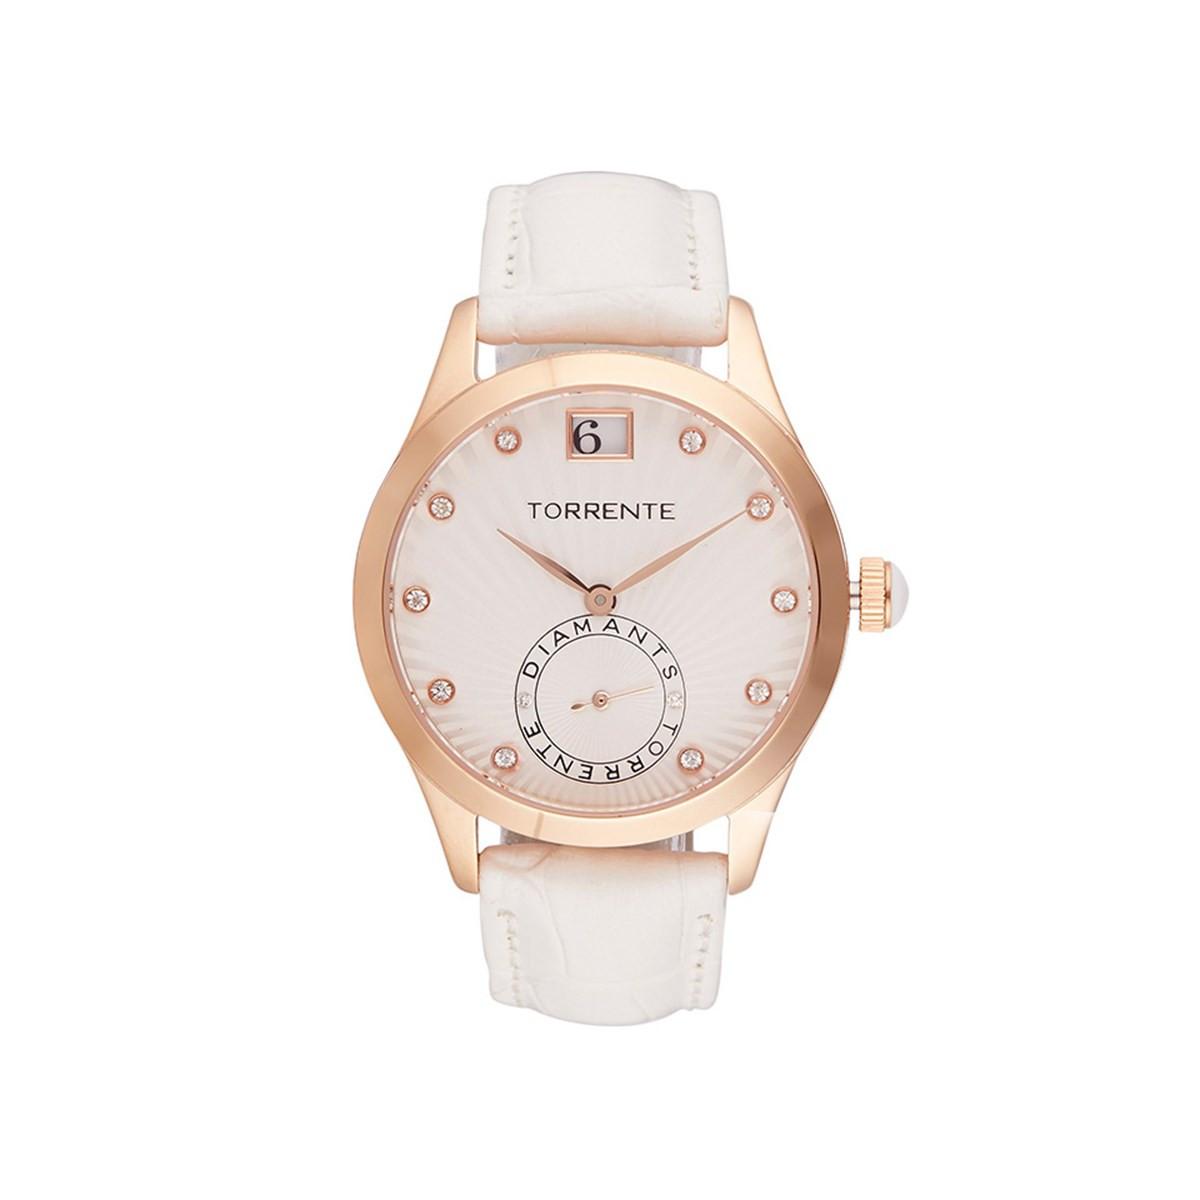 Diamant Rose Montre Cadran Acier Cuir Sigma Bracelet Torrente Plaqué Blanc Boîtier Or c5A4L3Rjq